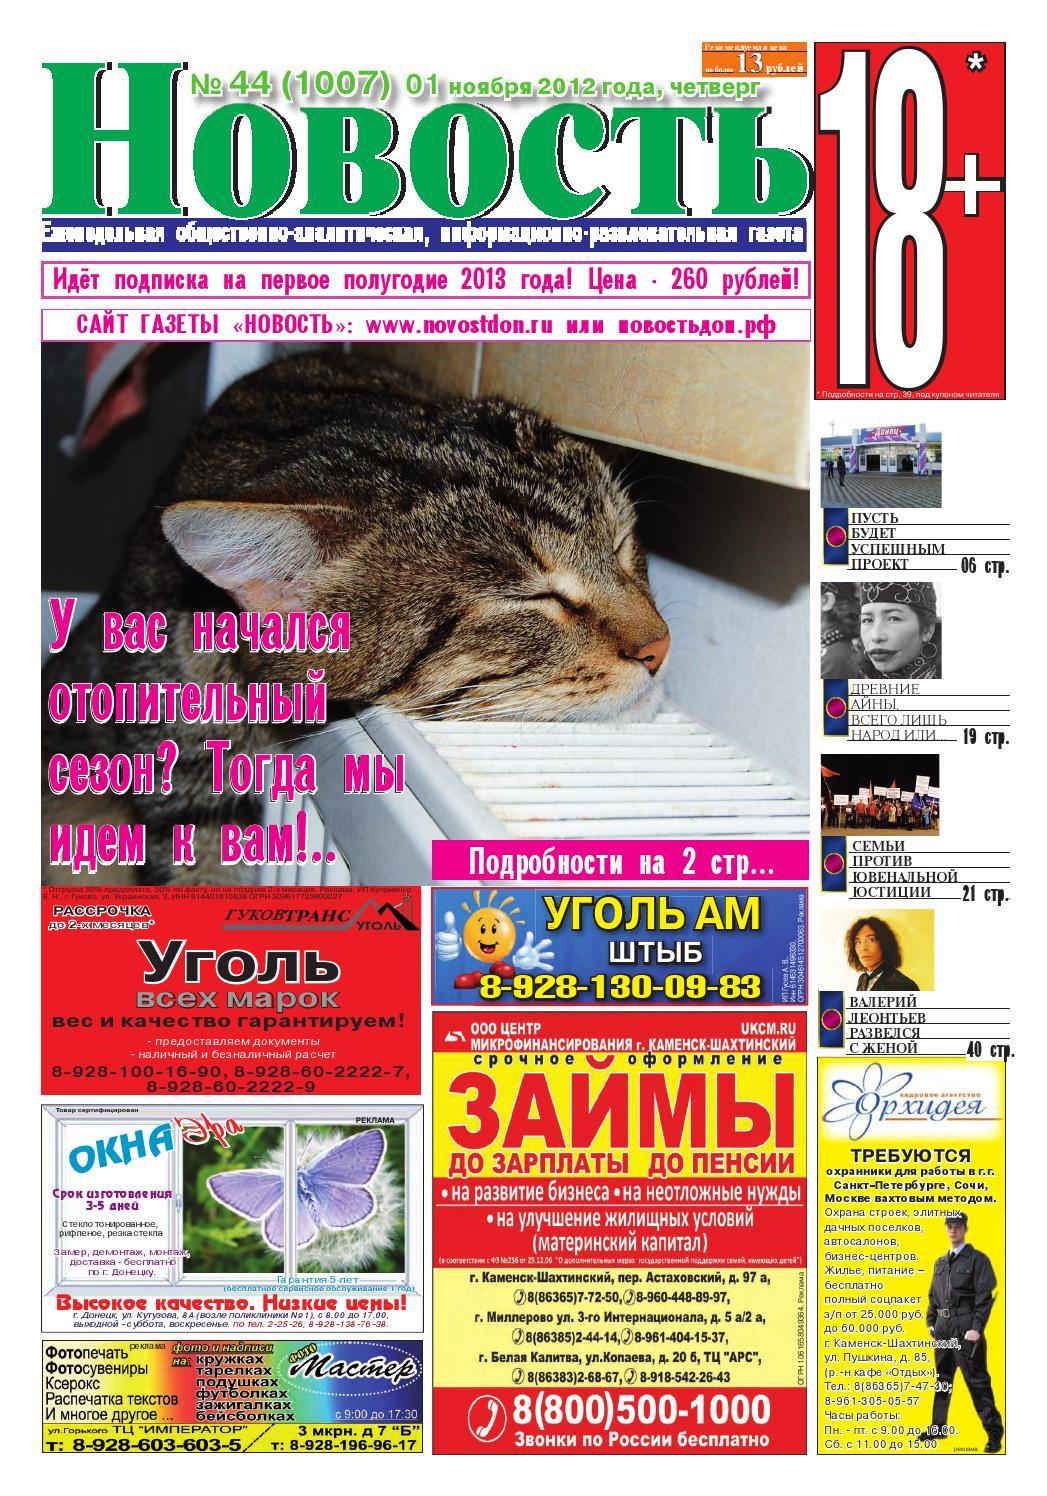 Novost 44 2012 By Gazeta Novost Issuu